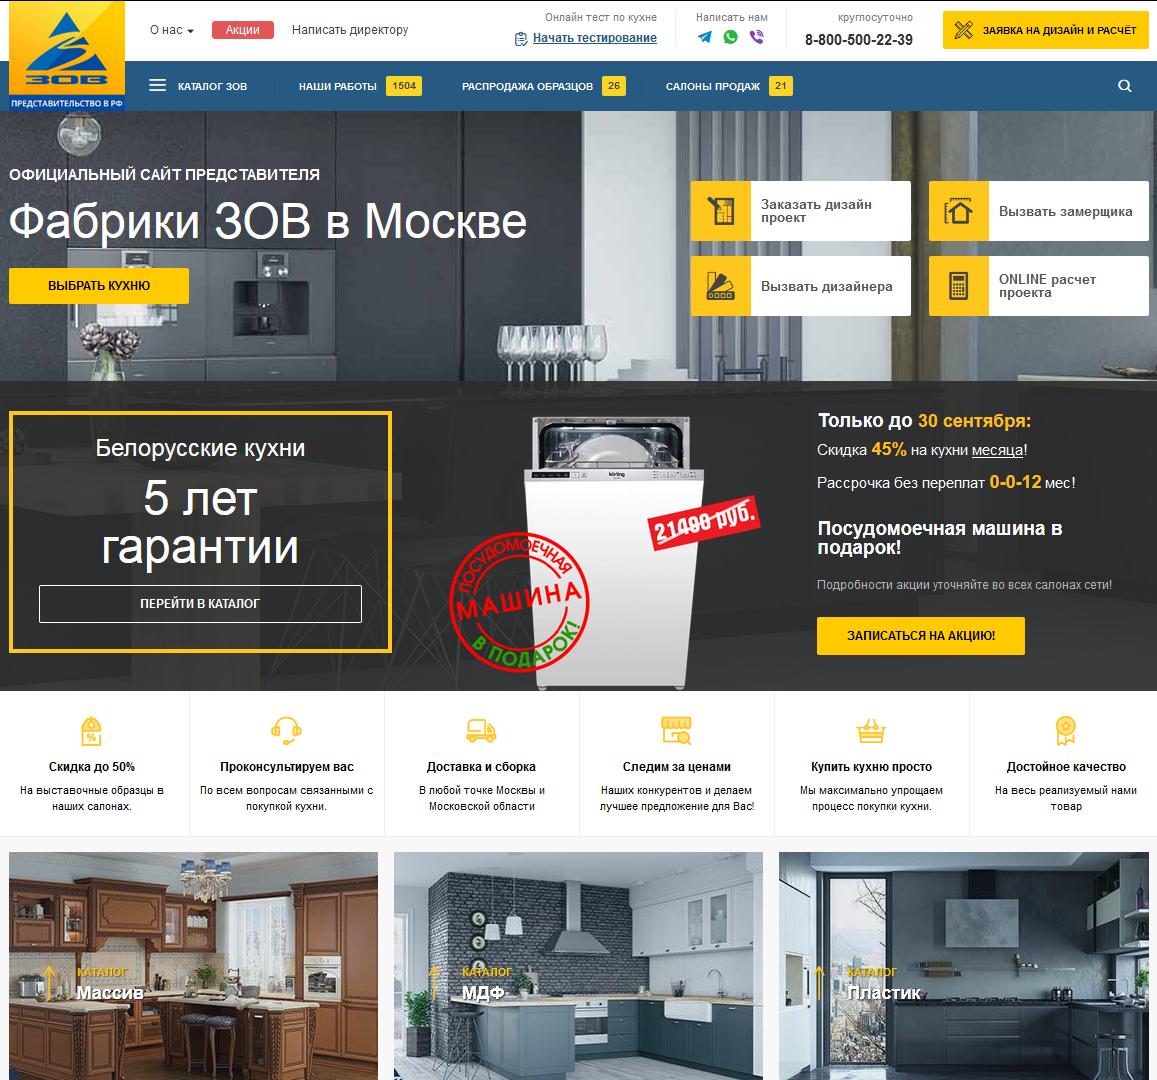 Белорусские кухни ЗОВ. Представительство в РФ